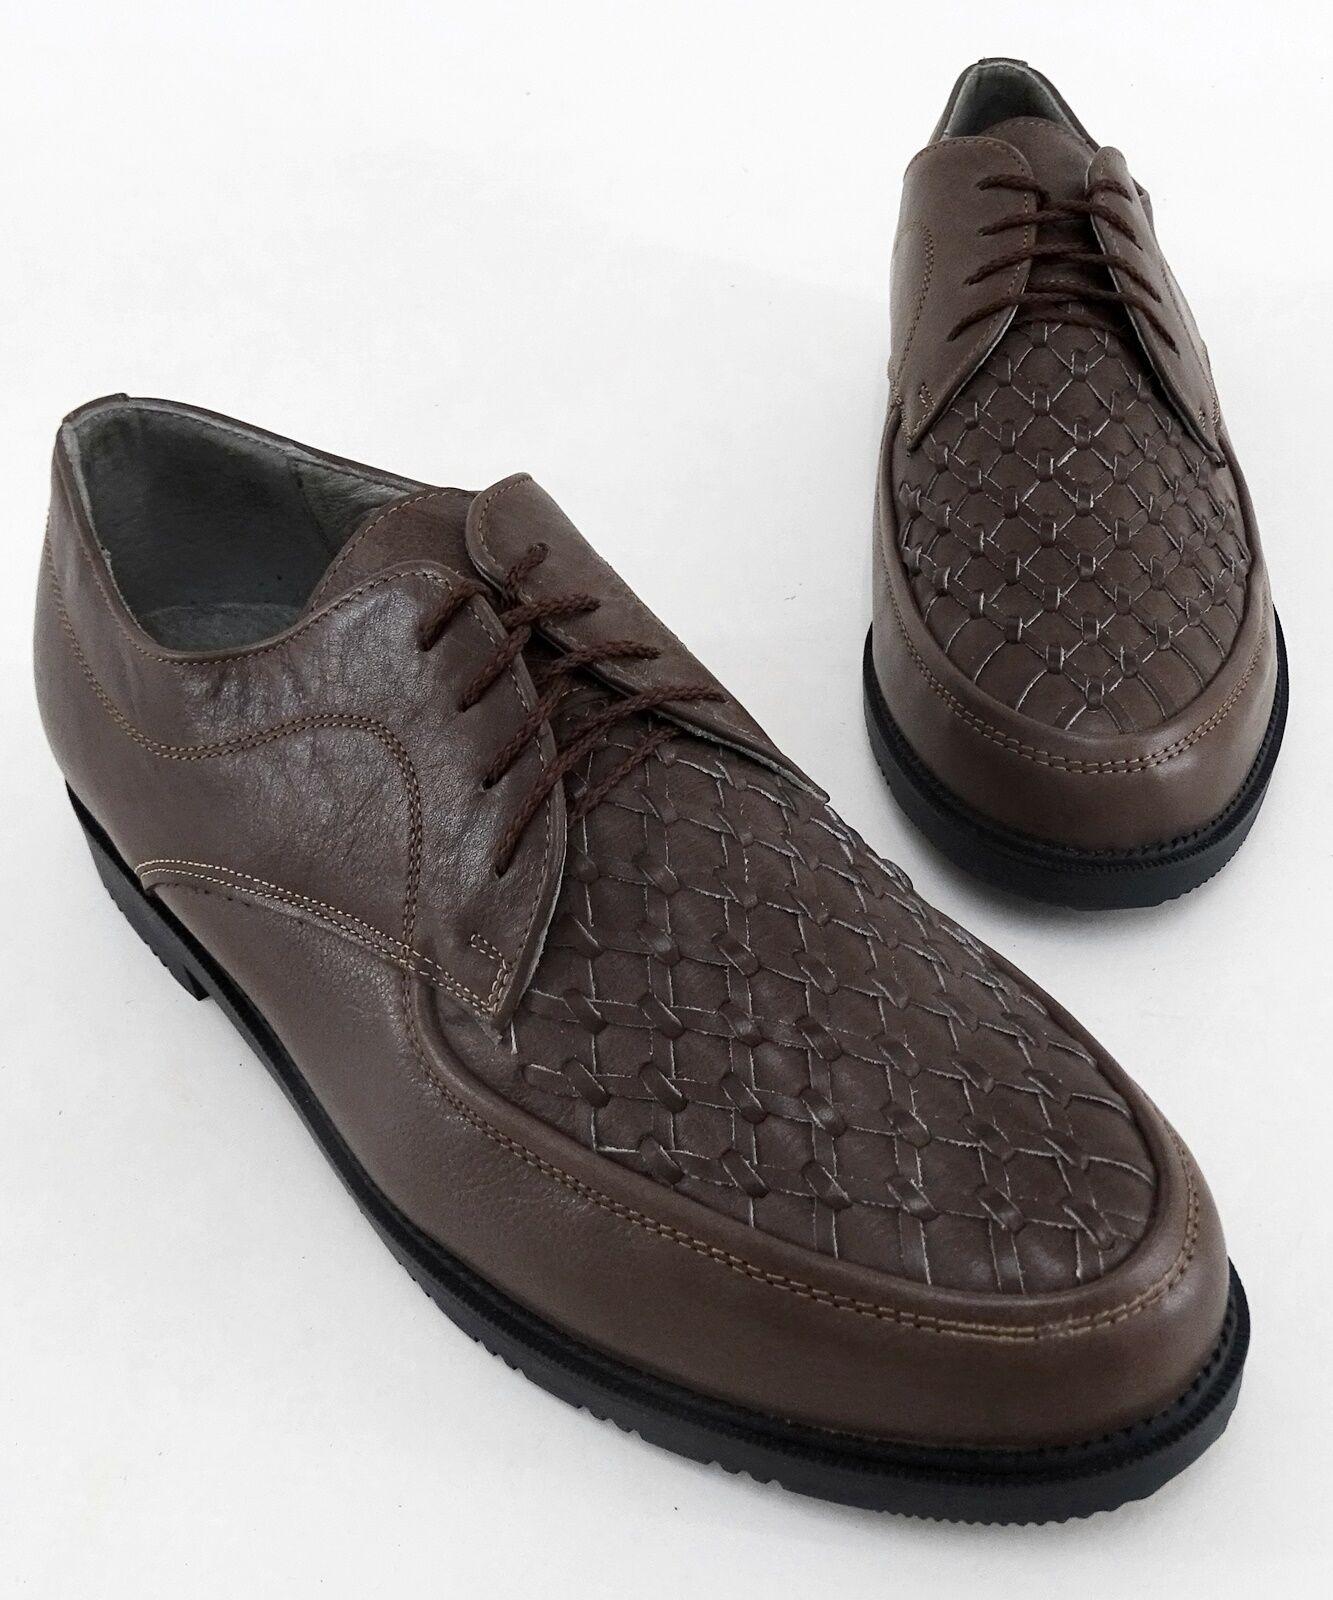 Lacets VALor Chaussures Basses Affaires Véritable Cuir Marron Taille 45